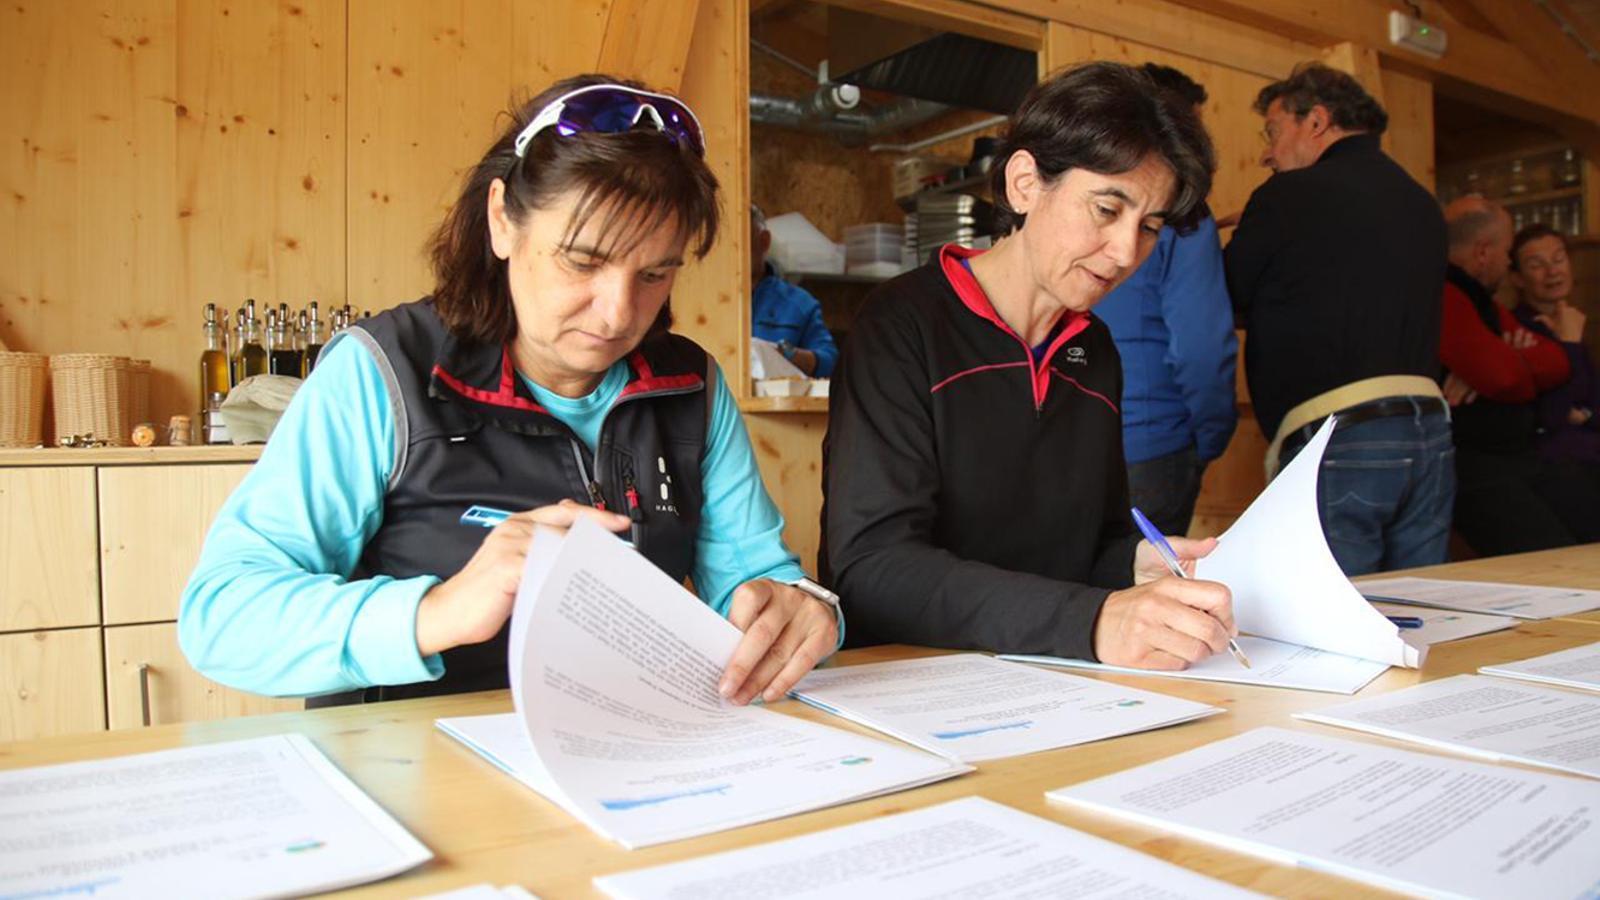 La presidenta de la comissió de gestió de la vall del Madriu i cònsol major d'Escaldes-Engordany, Trini Marín, i la presidenta de l'Entente Interdépartementale des Causses et Cévennes, Sophie Pantel, signen l'acord. / COMÚ D'ESCALDES-ENGORDANY